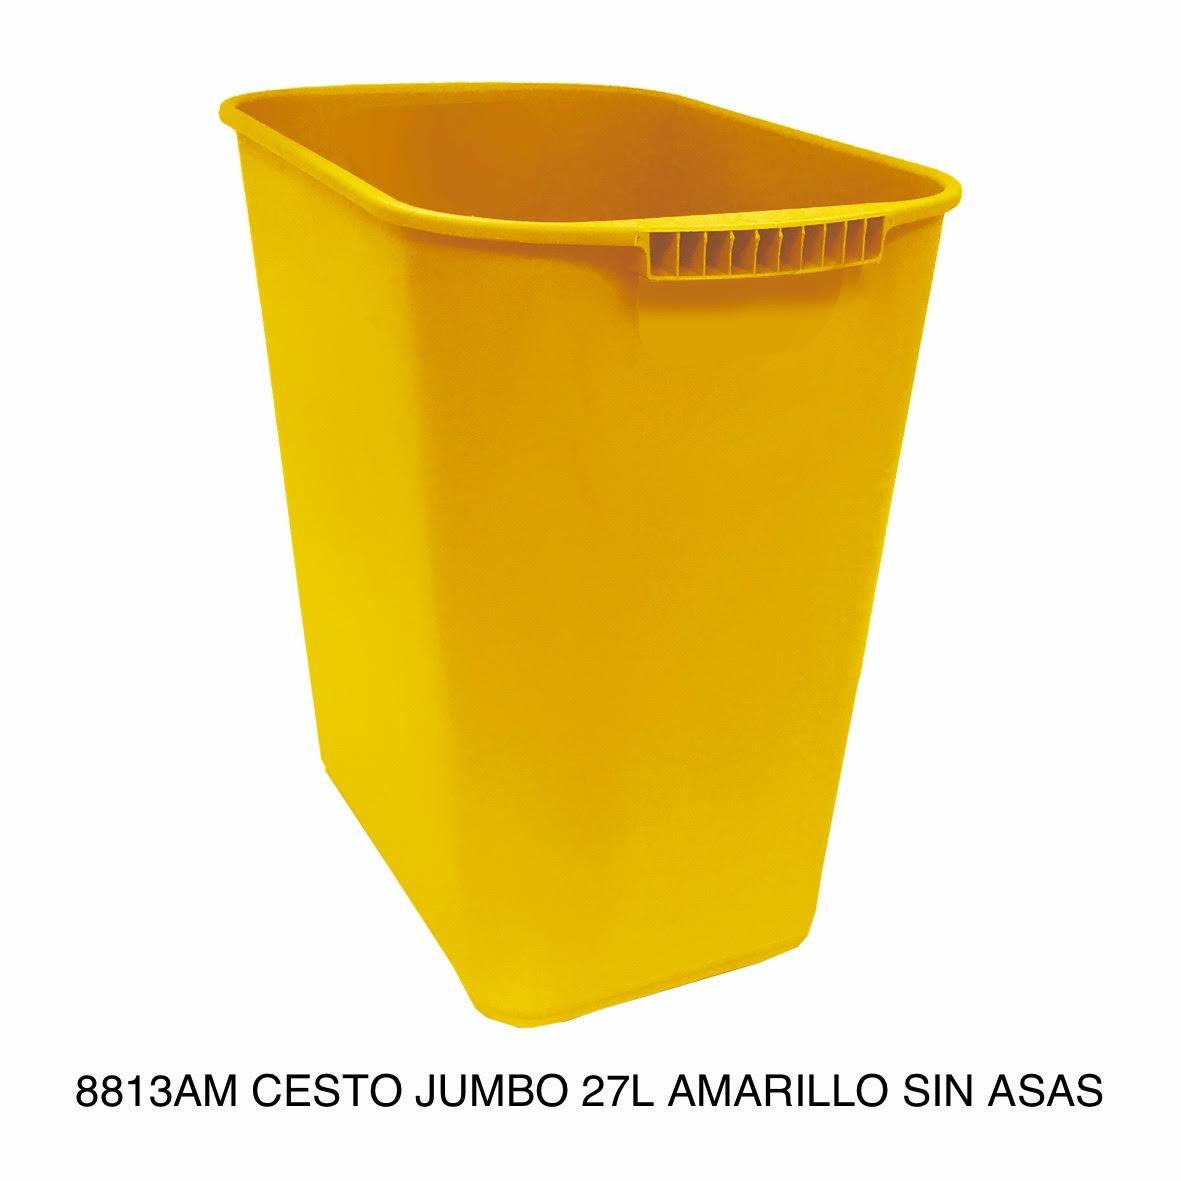 Bote de basura jumbo modelo 8813AM color amarillo sin asas de Sablón